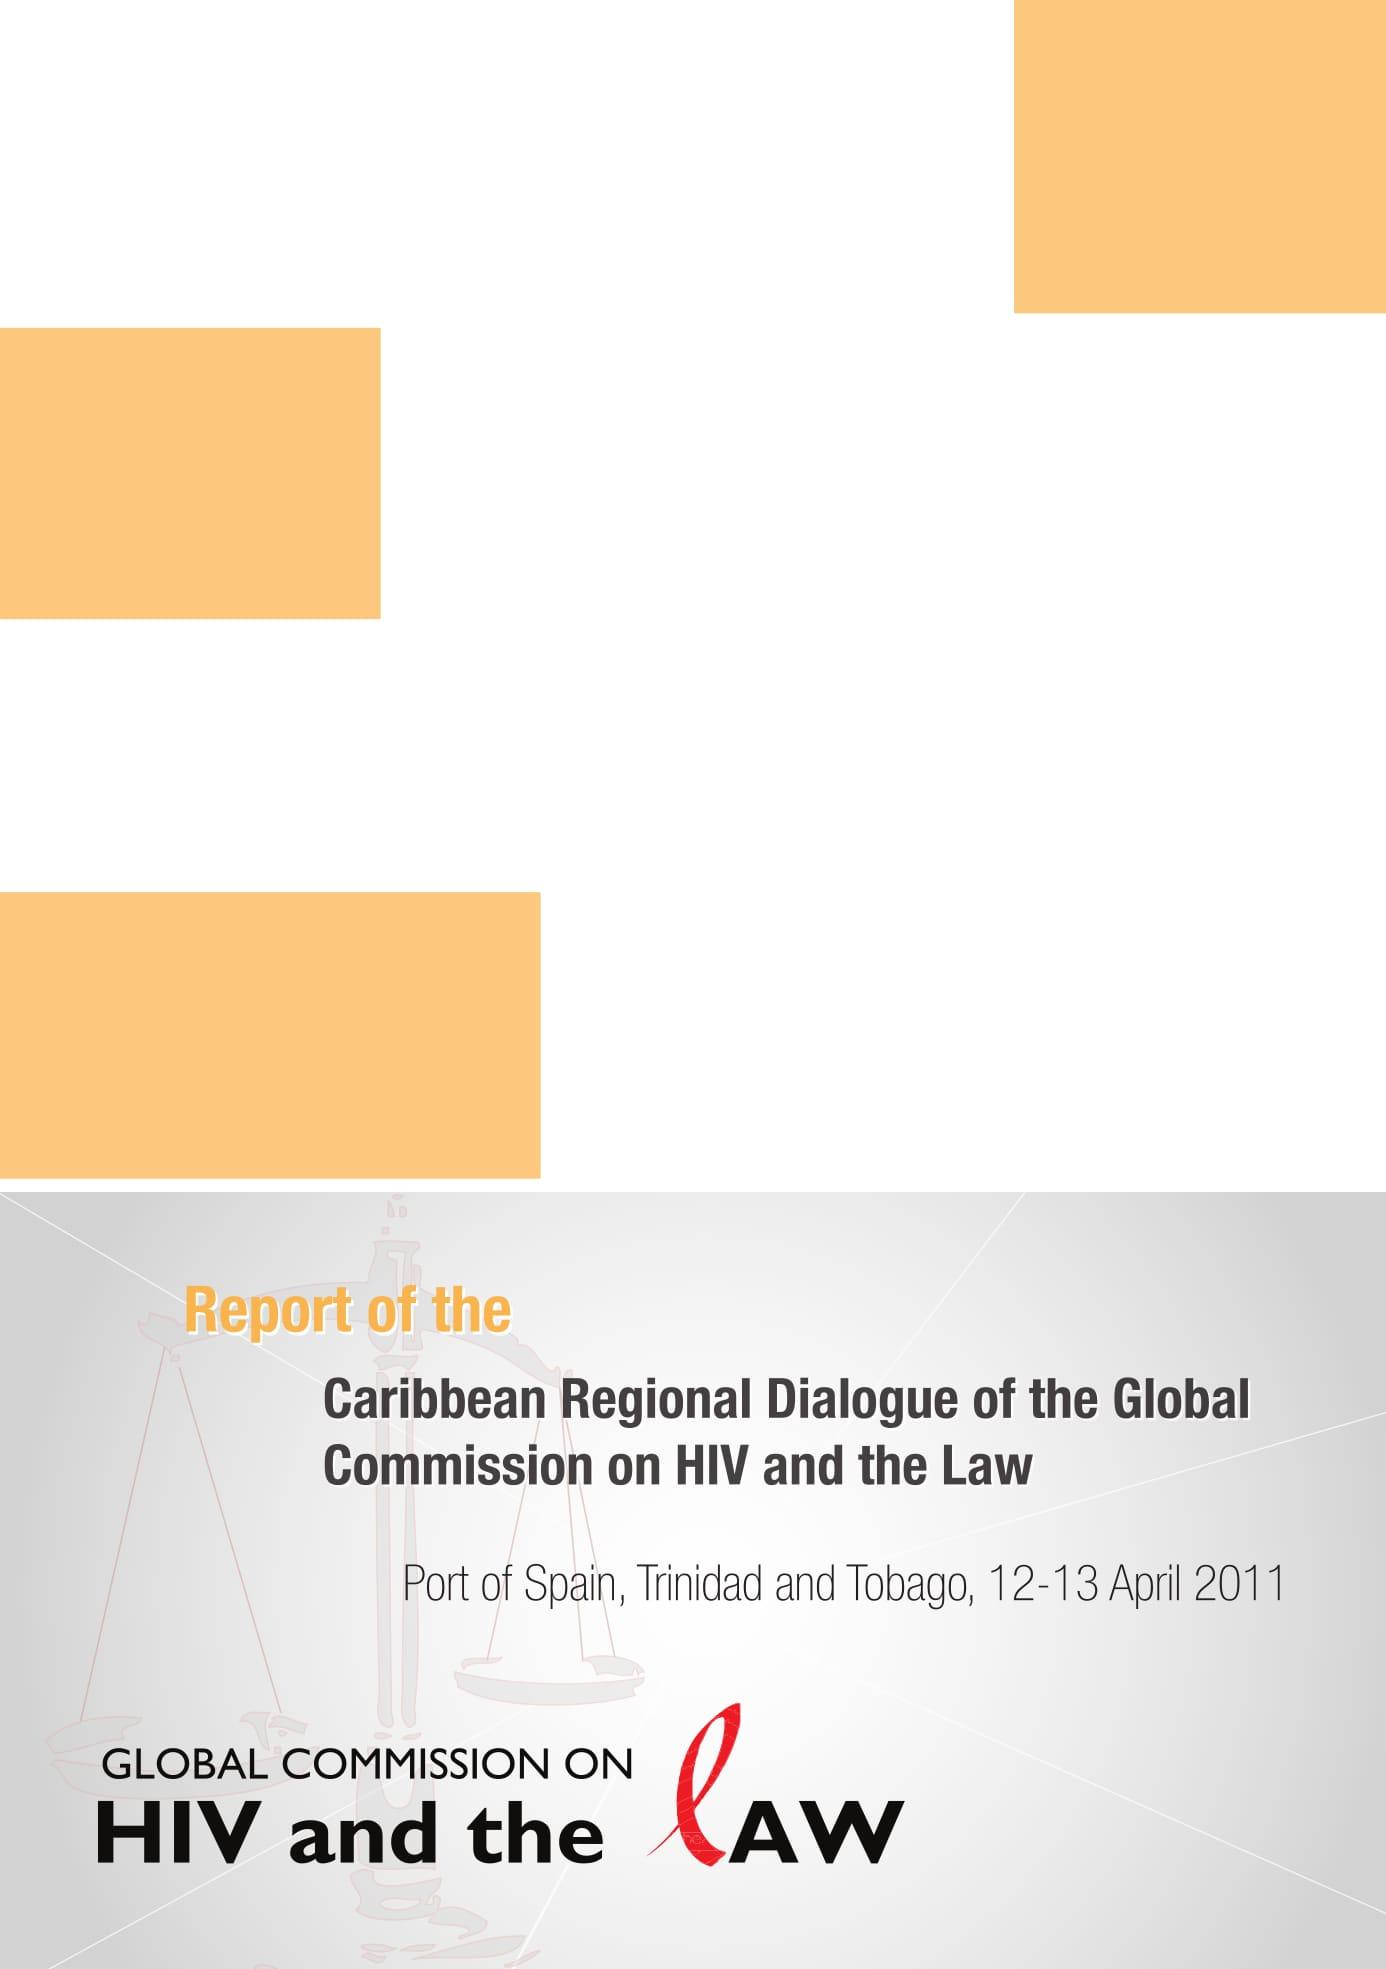 Caribbean Regional Dialogue Report